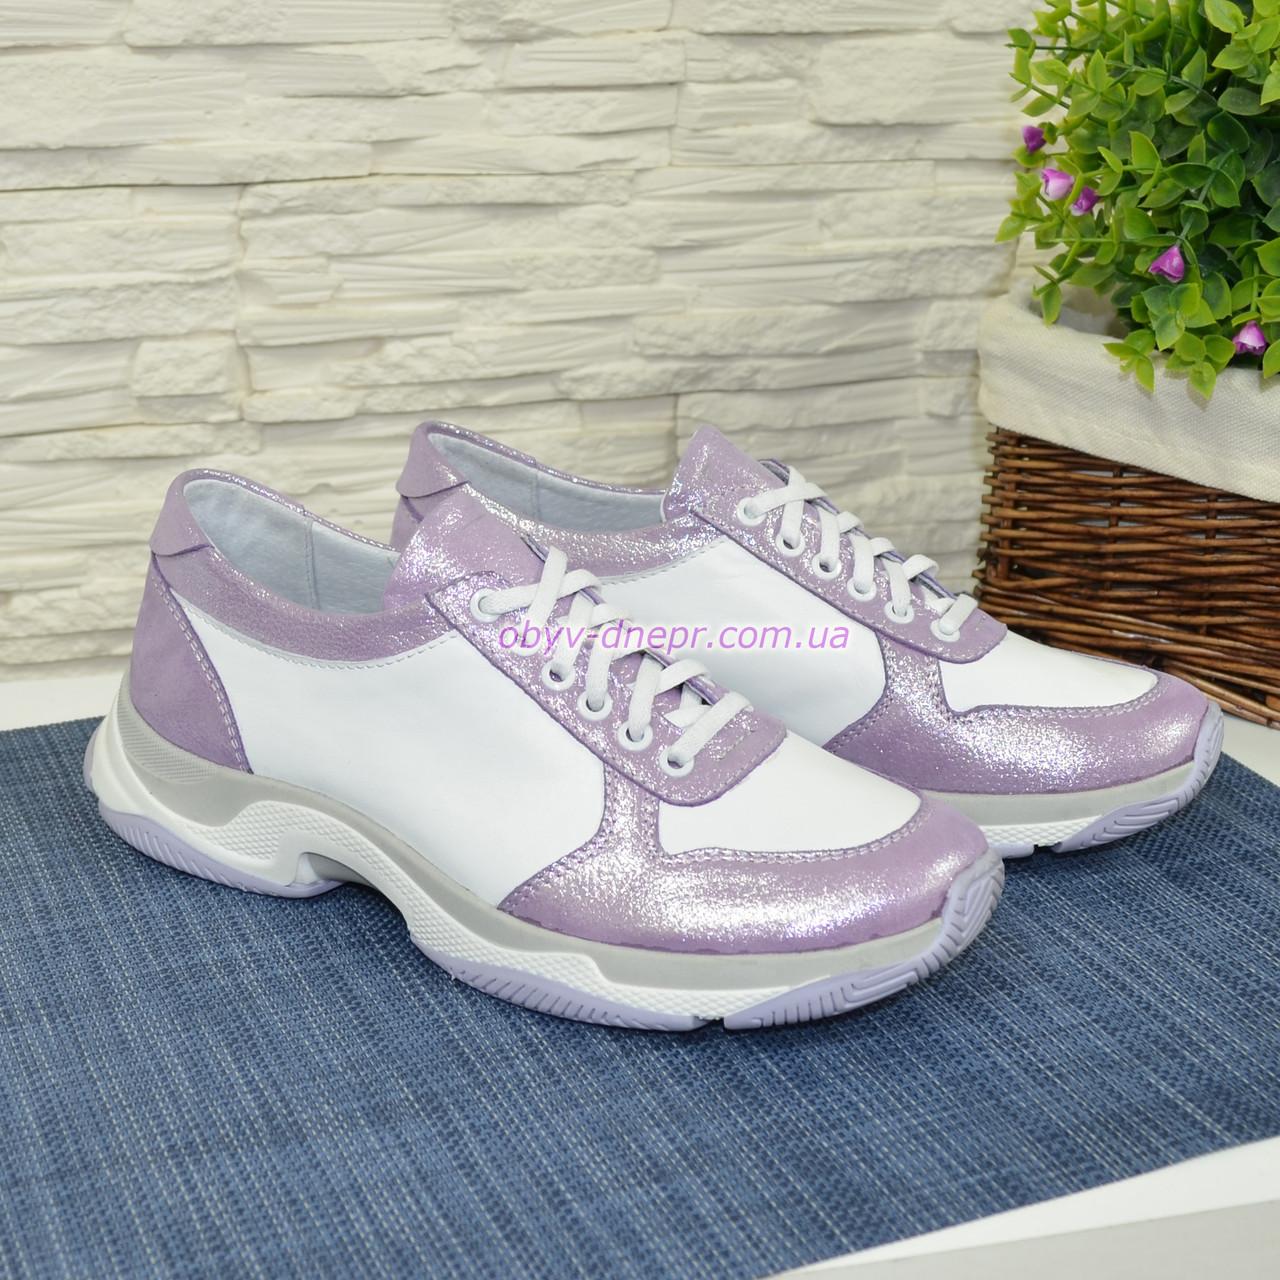 Стильные женские кожаные кроссовки на шнуровке